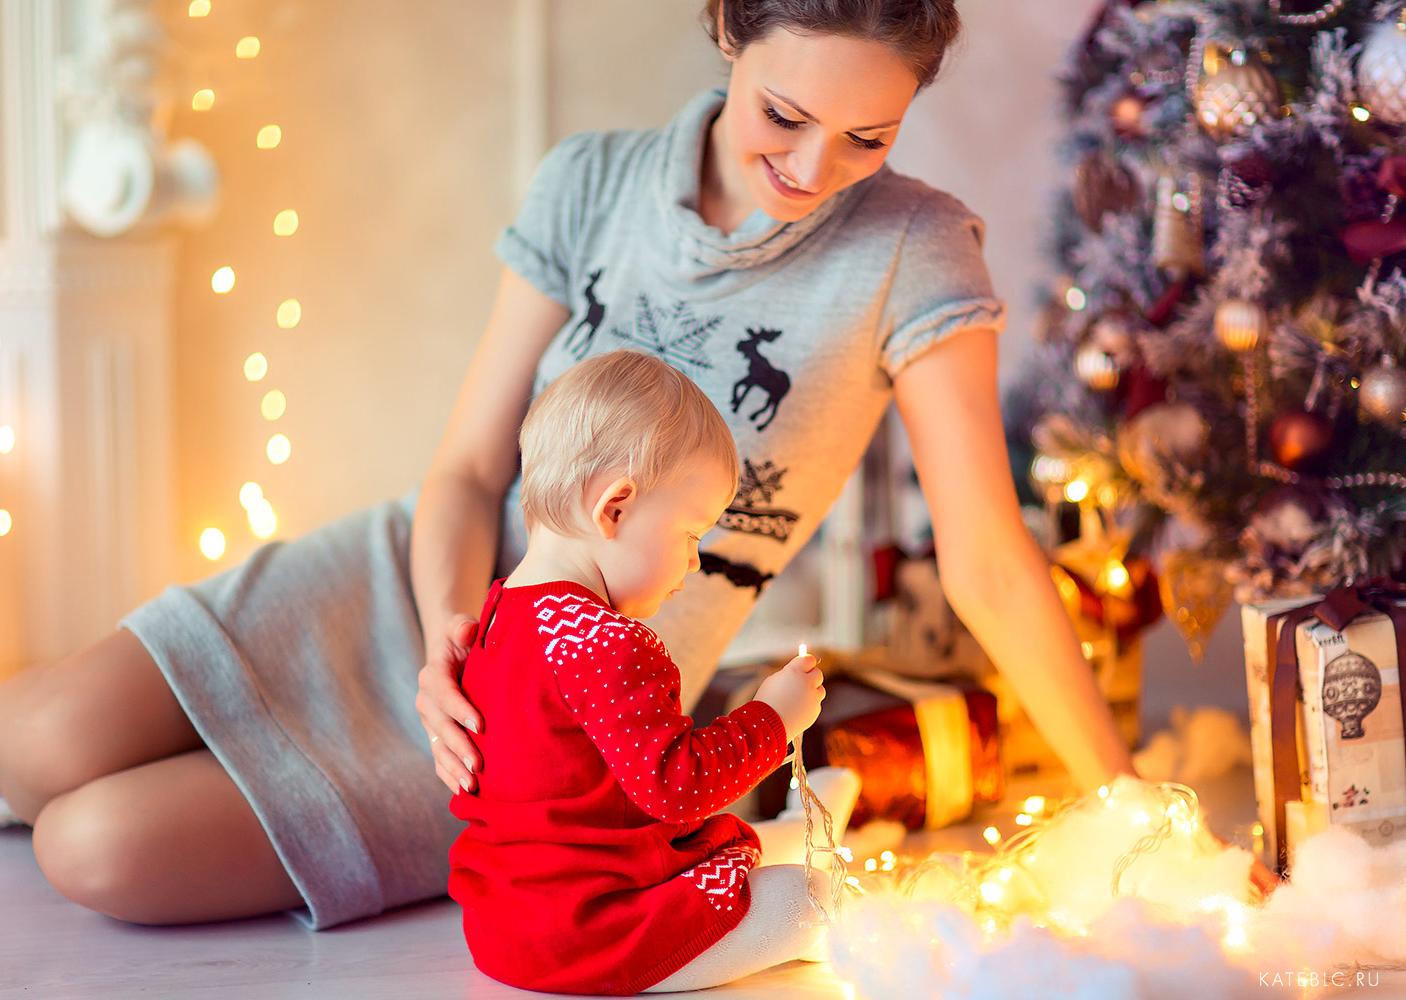 Pyjama-mama | как подготовиться к новому году, чтобы встретить его с радостью